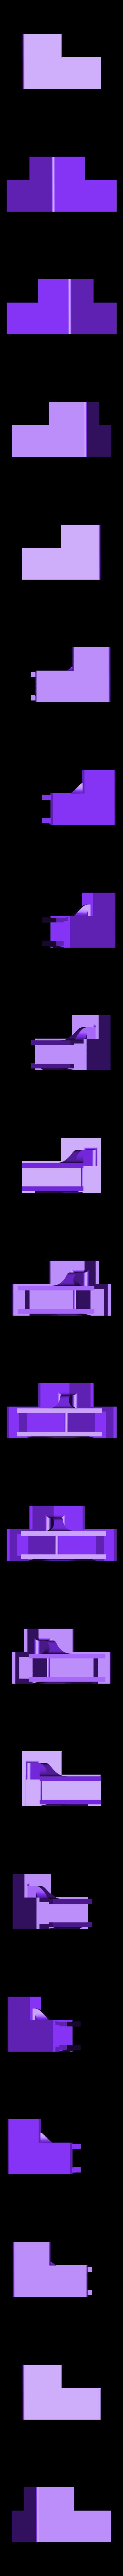 Middel Front Right.STL Télécharger fichier STL gratuit Poitrine de Foerris • Objet pour imprimante 3D, Foerris